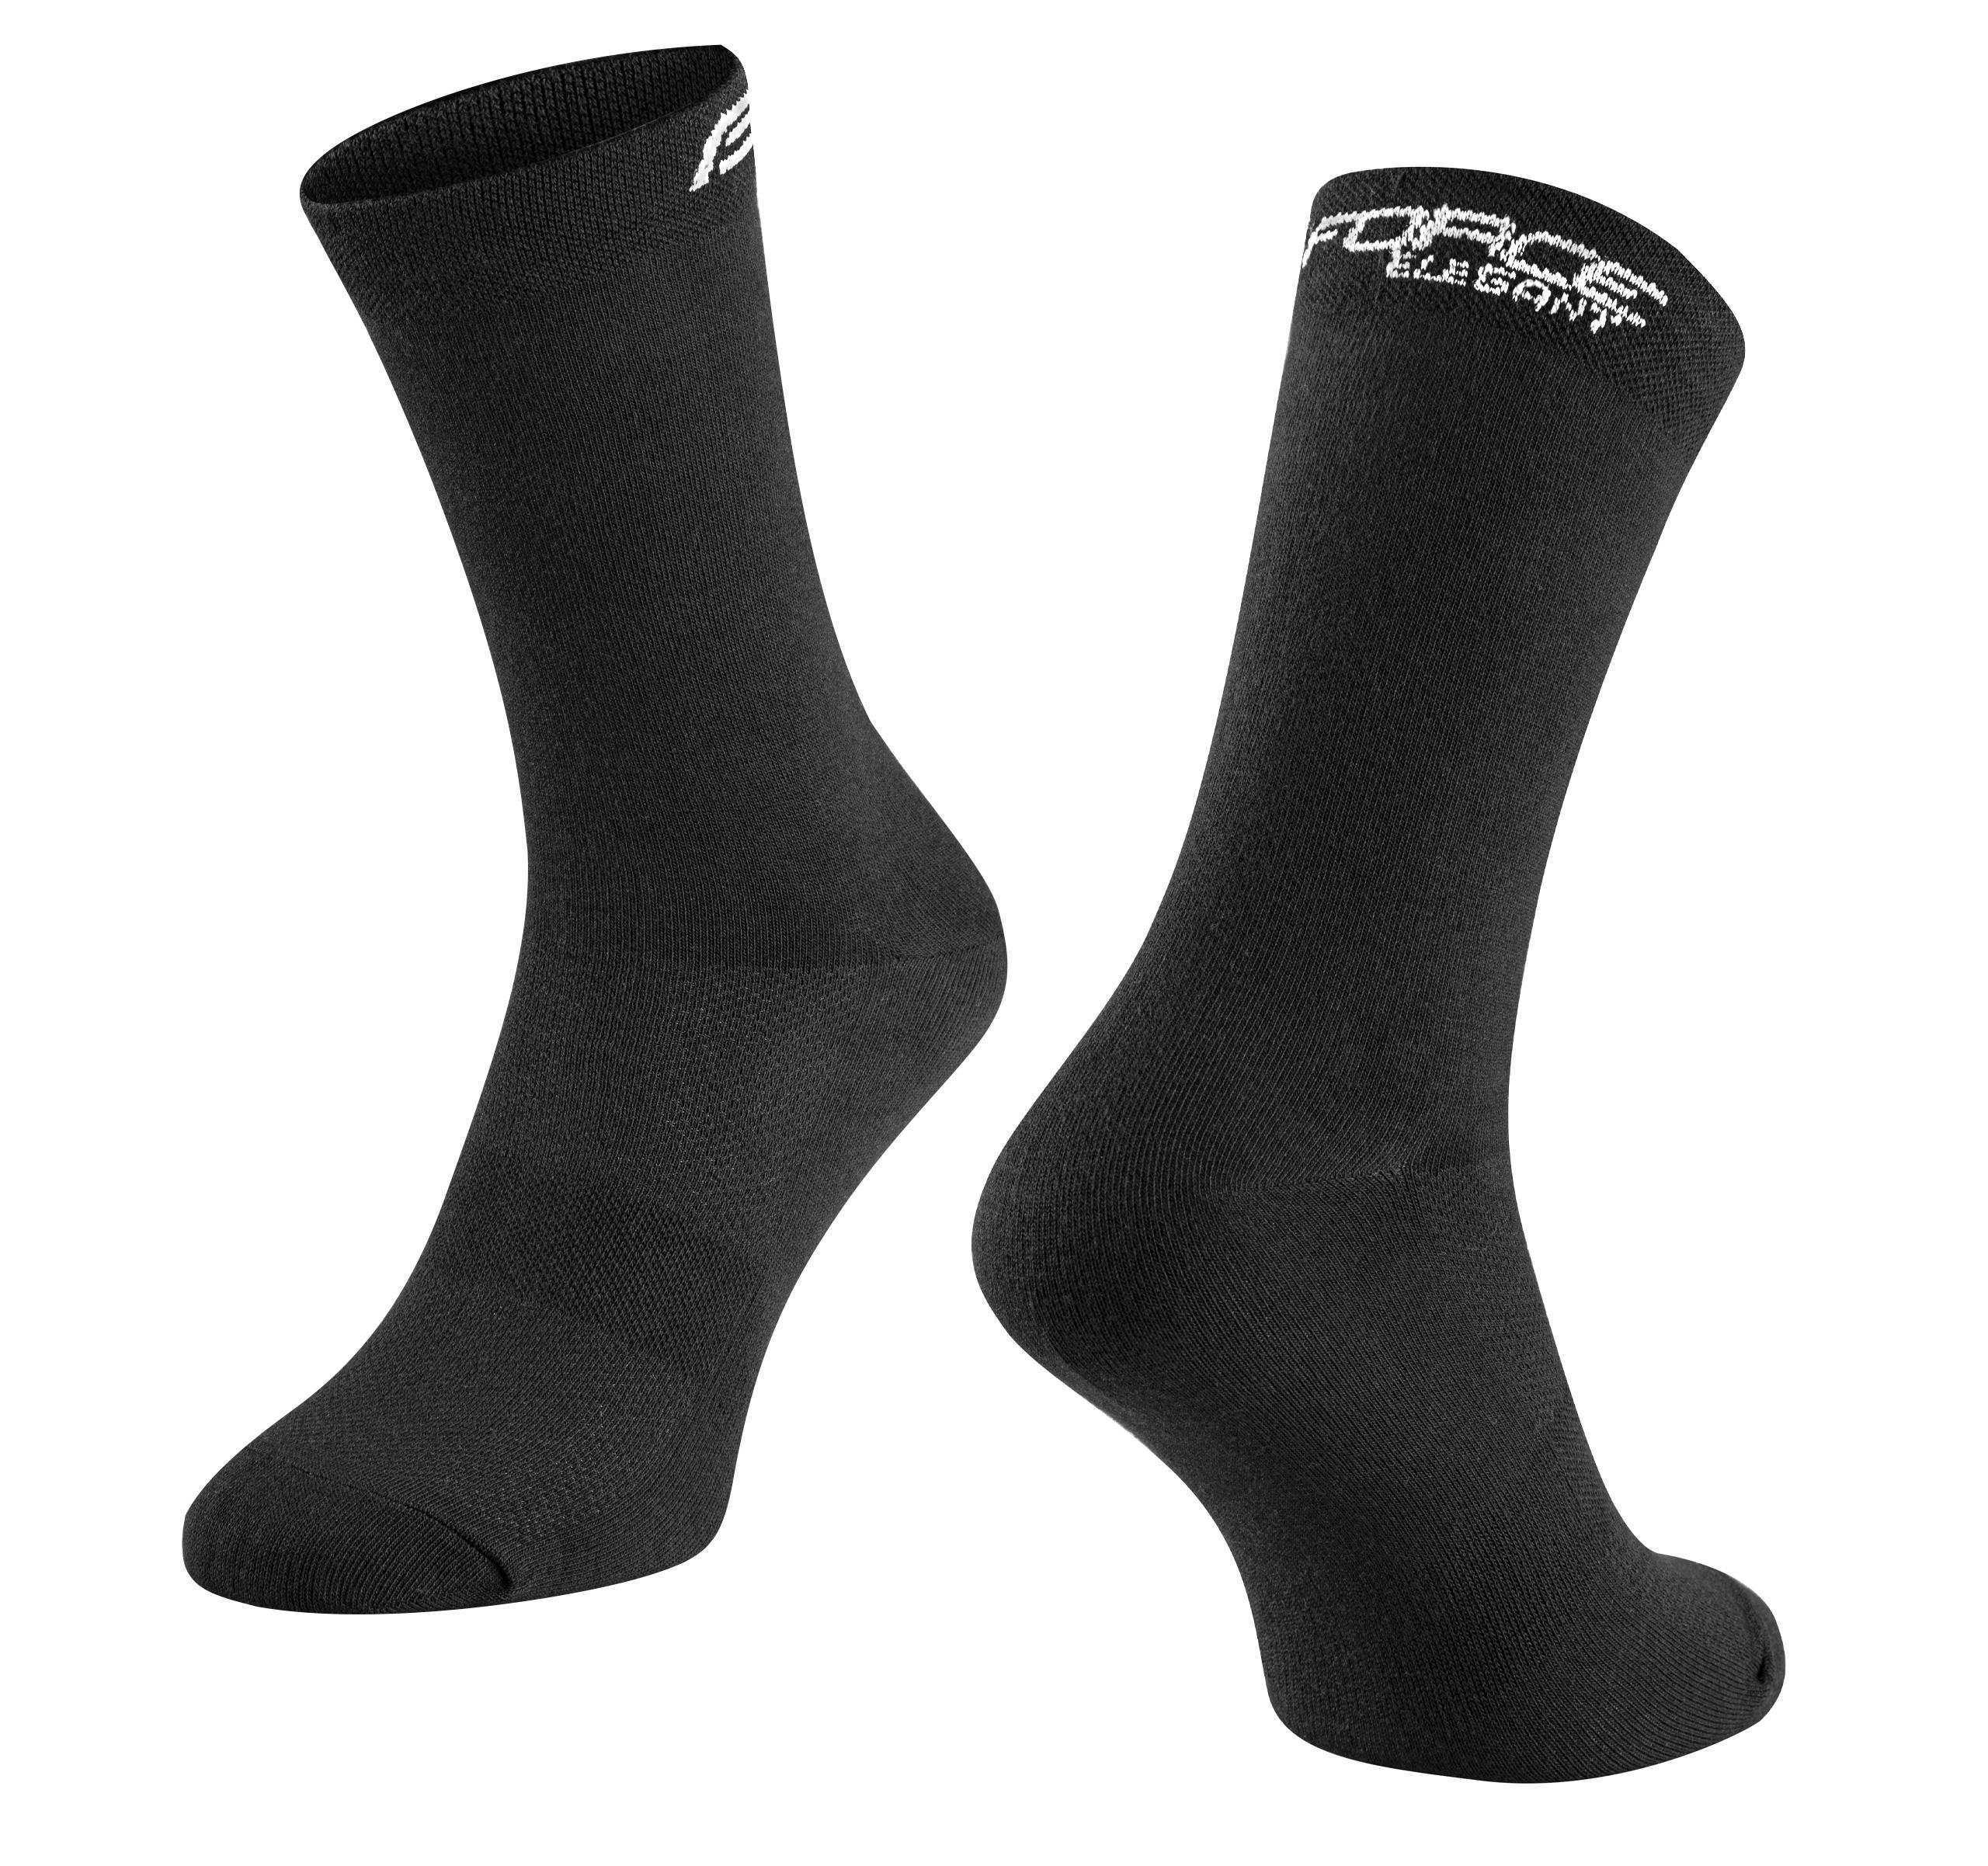 ponožky FORCE ELEGANT vysoké, černé L-XL/42-46